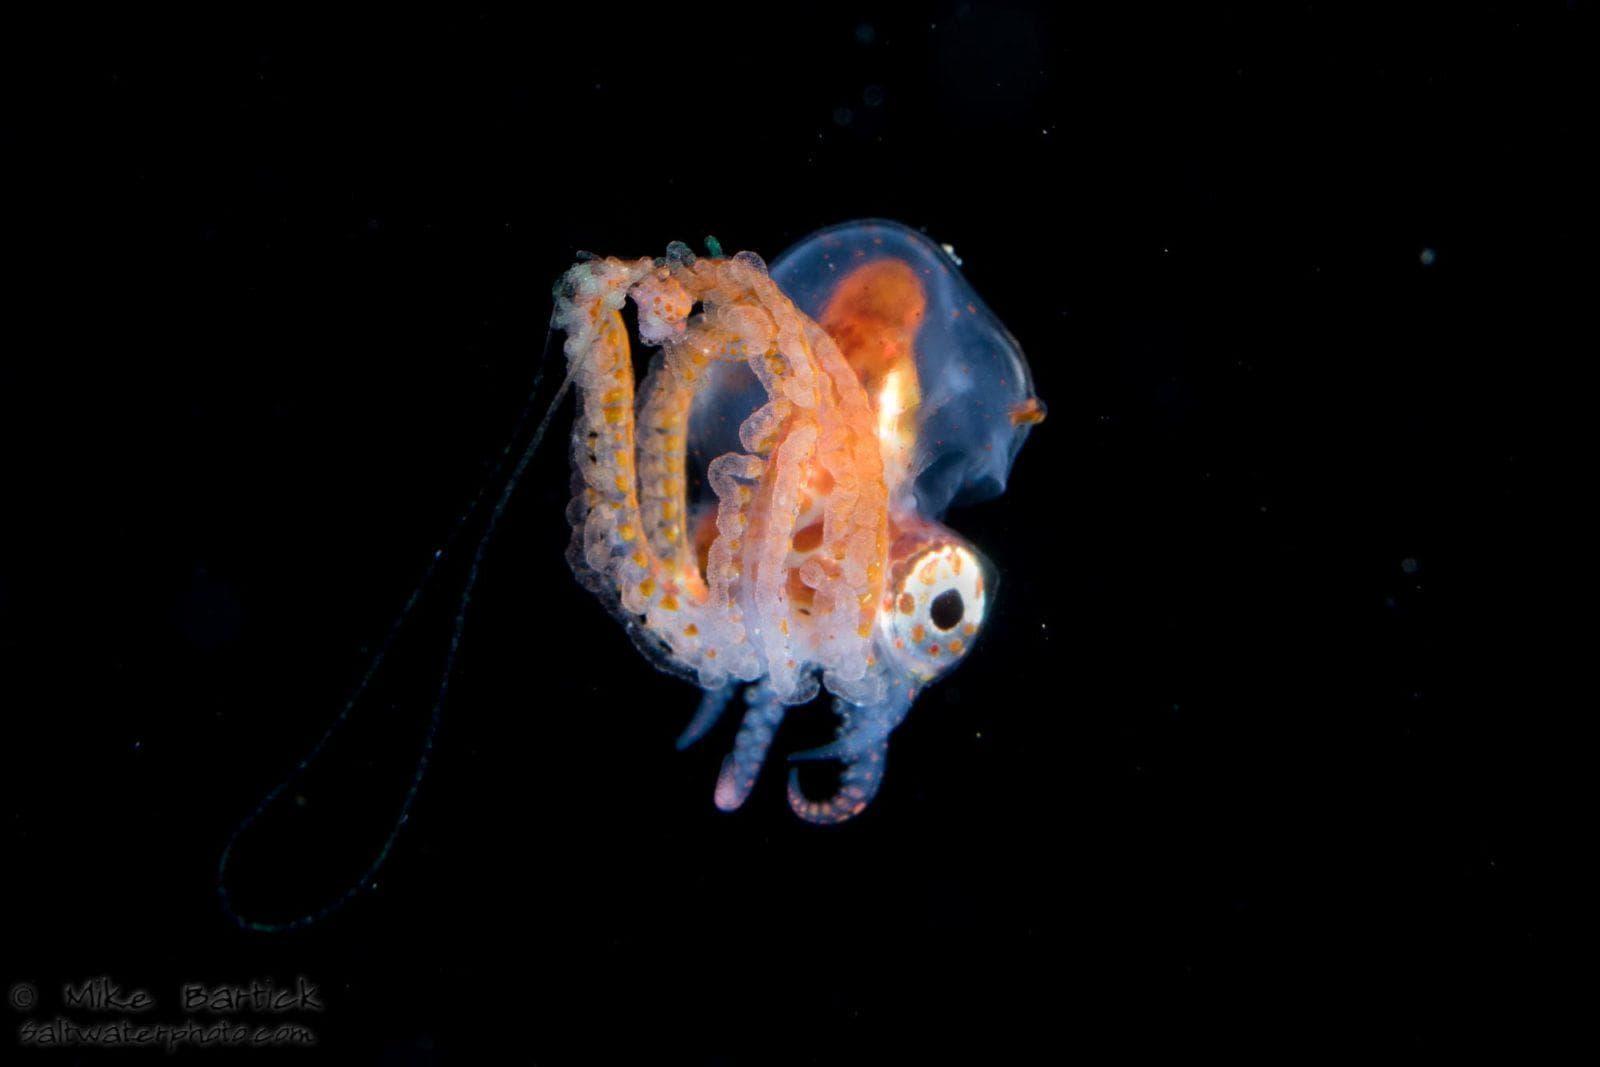 Male blanket octopus